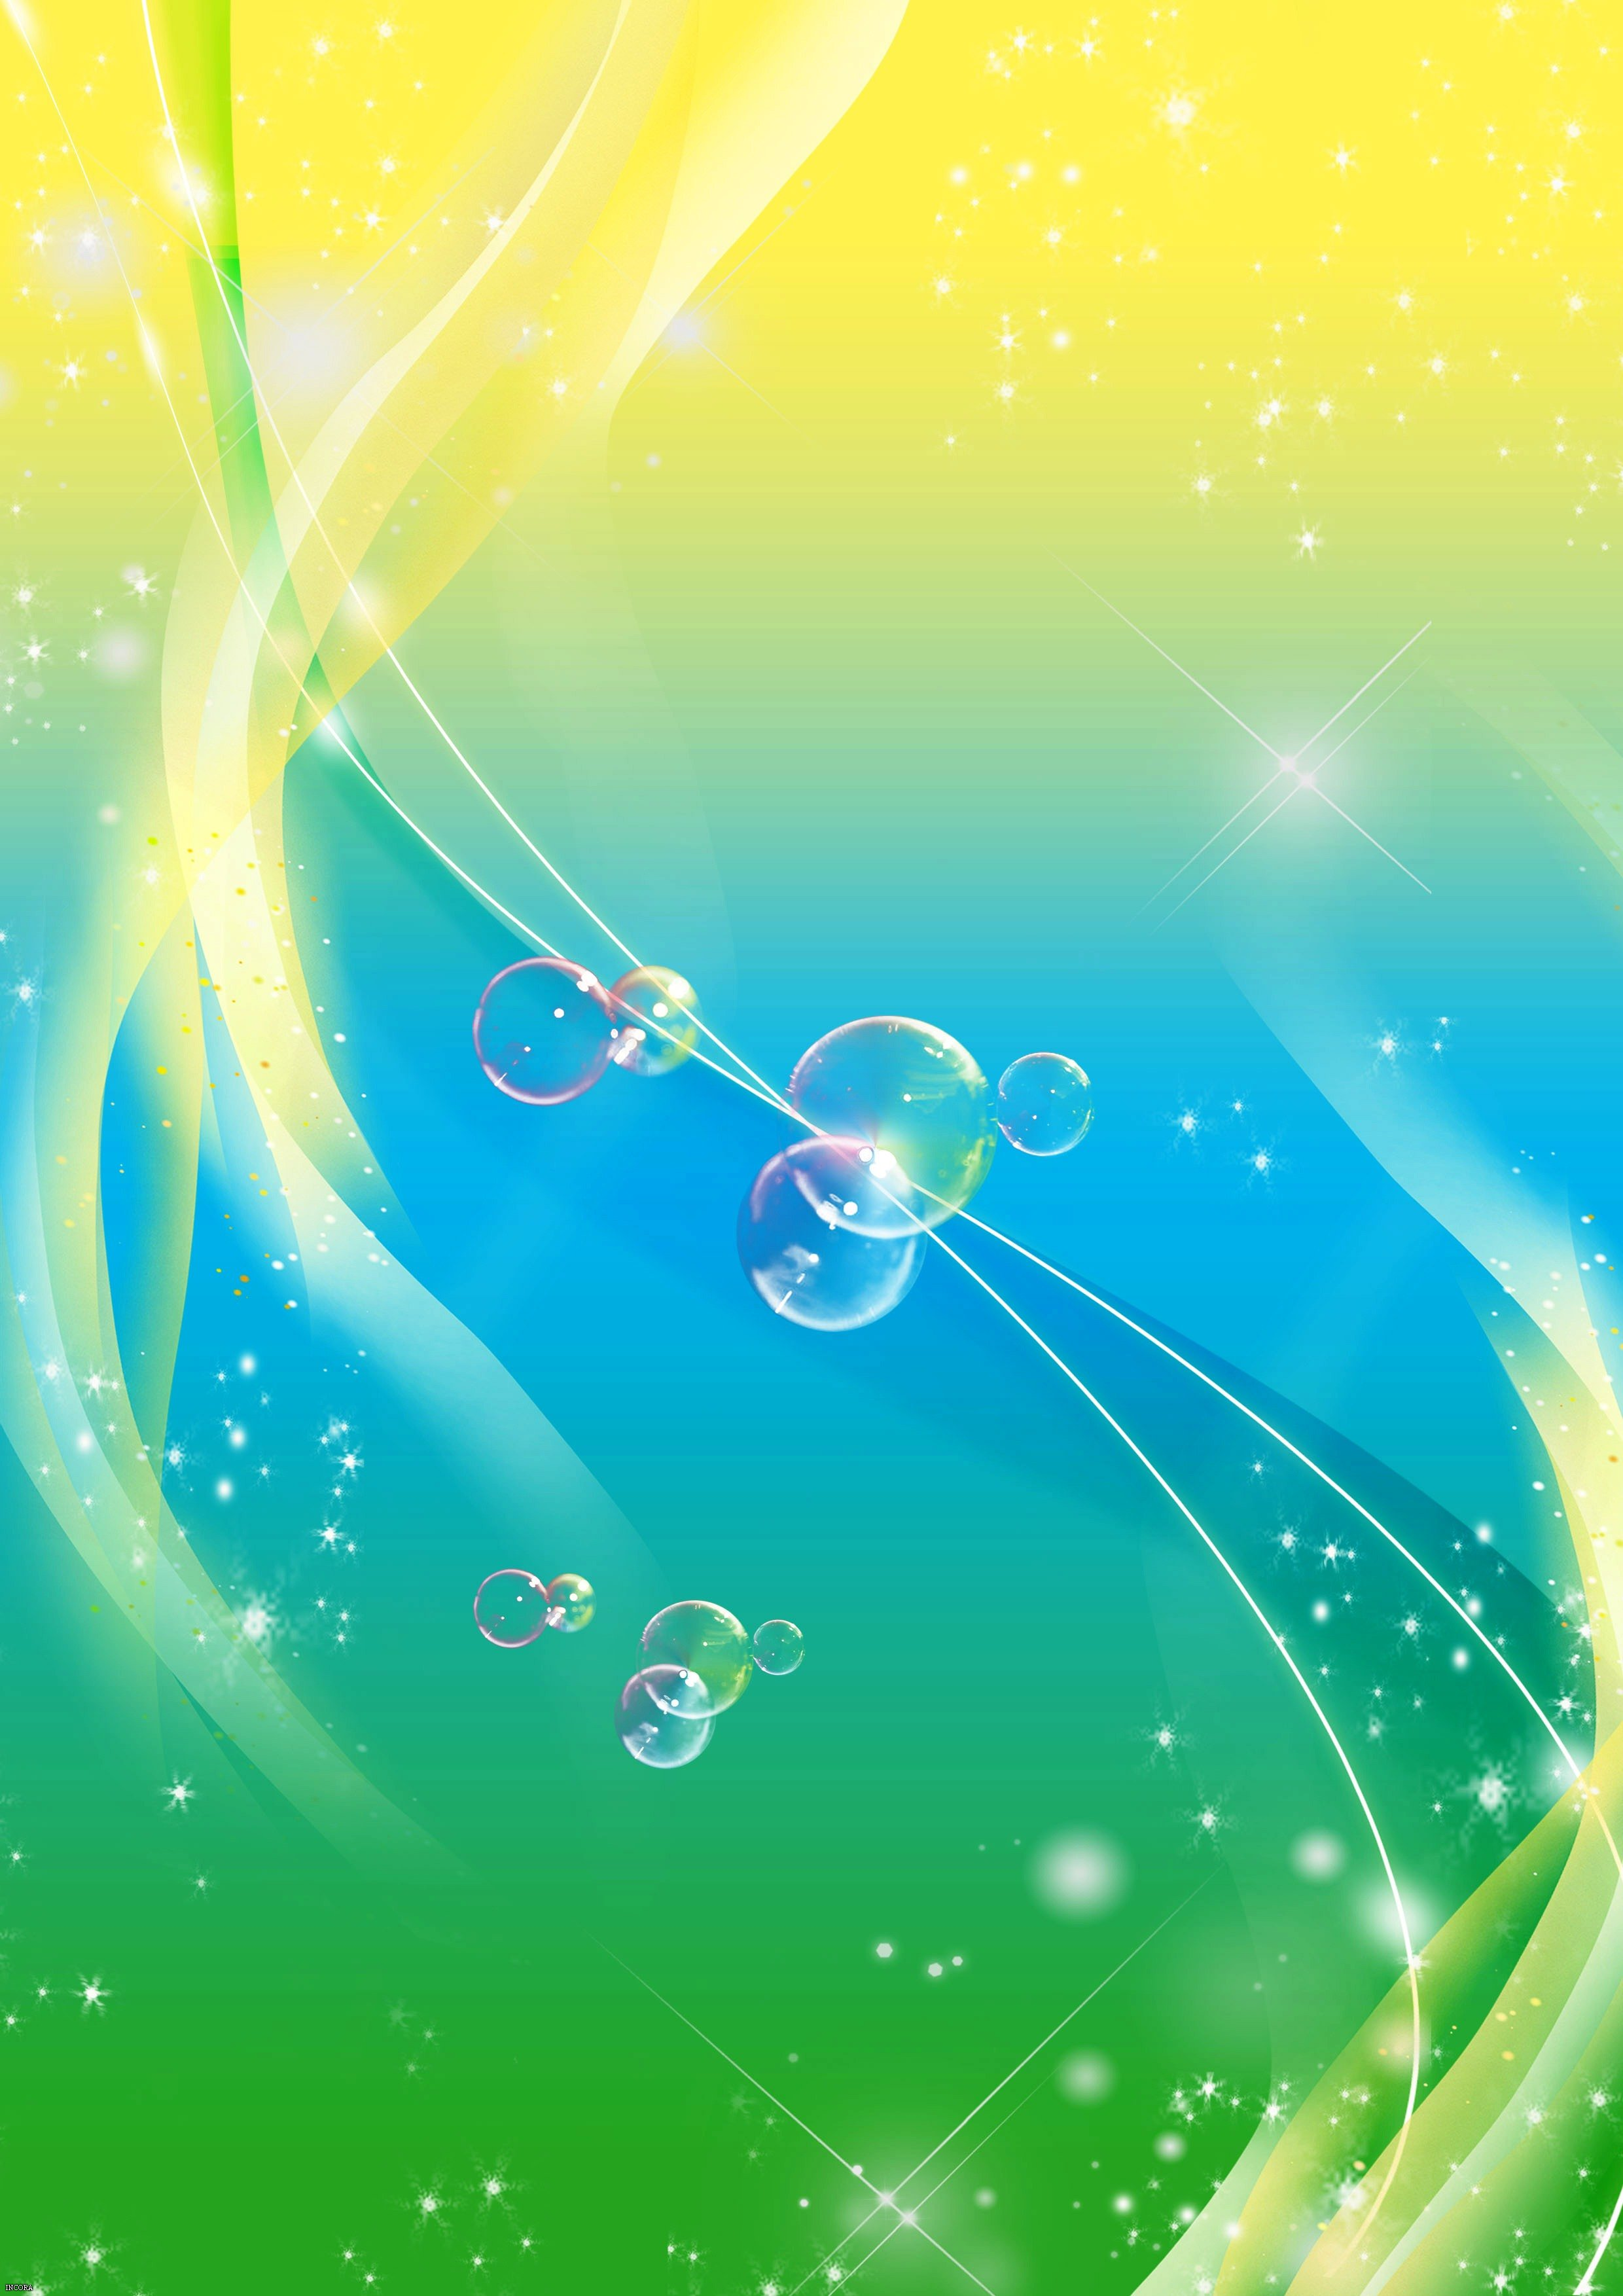 D:\ПСИХОЛОГ\От Саши Болунда\фоны.. шаблоны\фоны абстрактные-18\4fb4e9e350a7.jpg